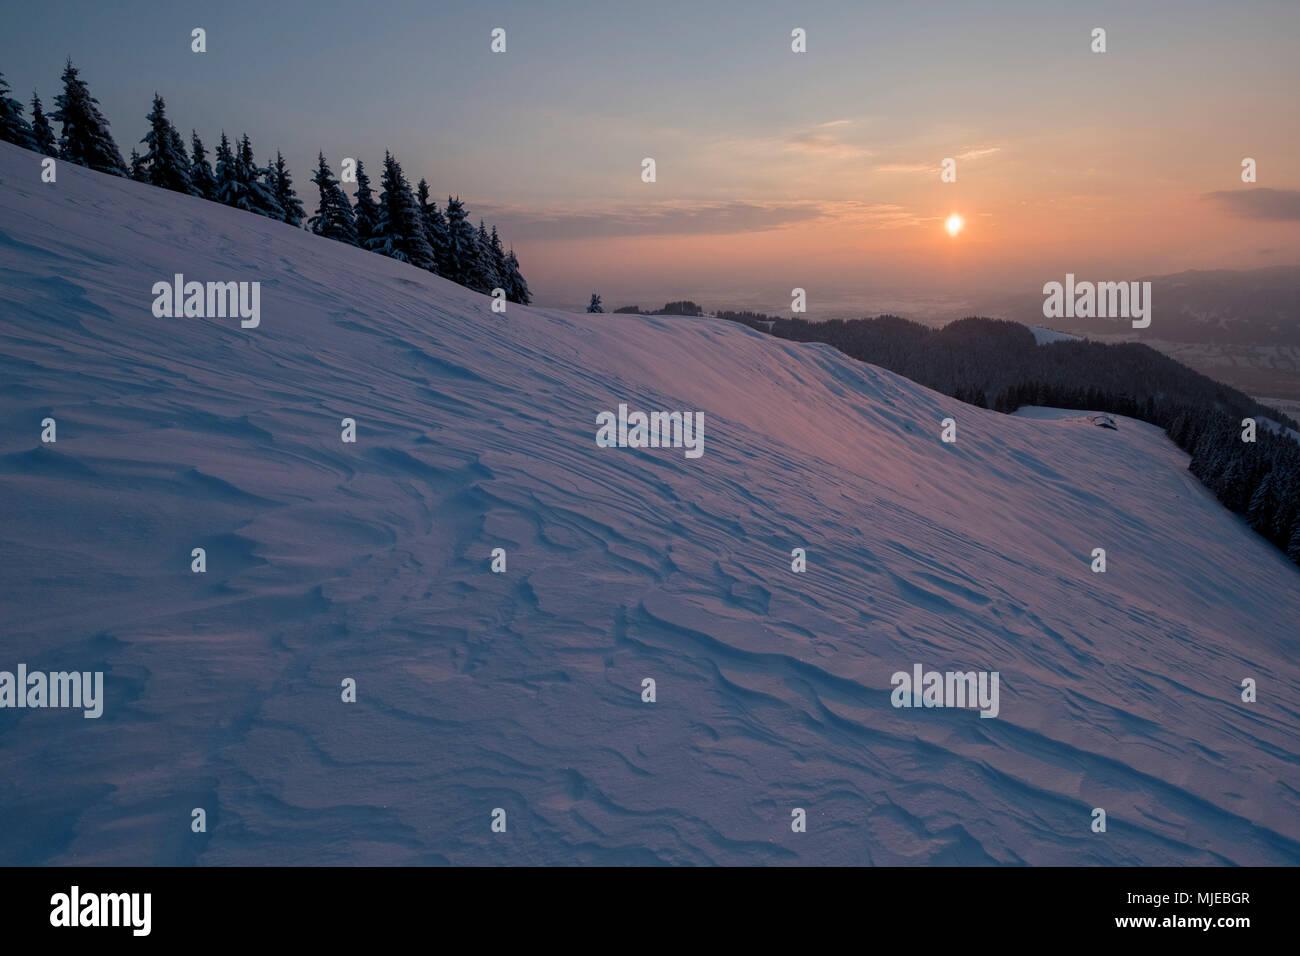 Matin sur l'humeur Zwiesel en vue de l'Schnaiteralm, près Bad Tölz, Alpes bavaroises, Bavière, Allemagne Photo Stock